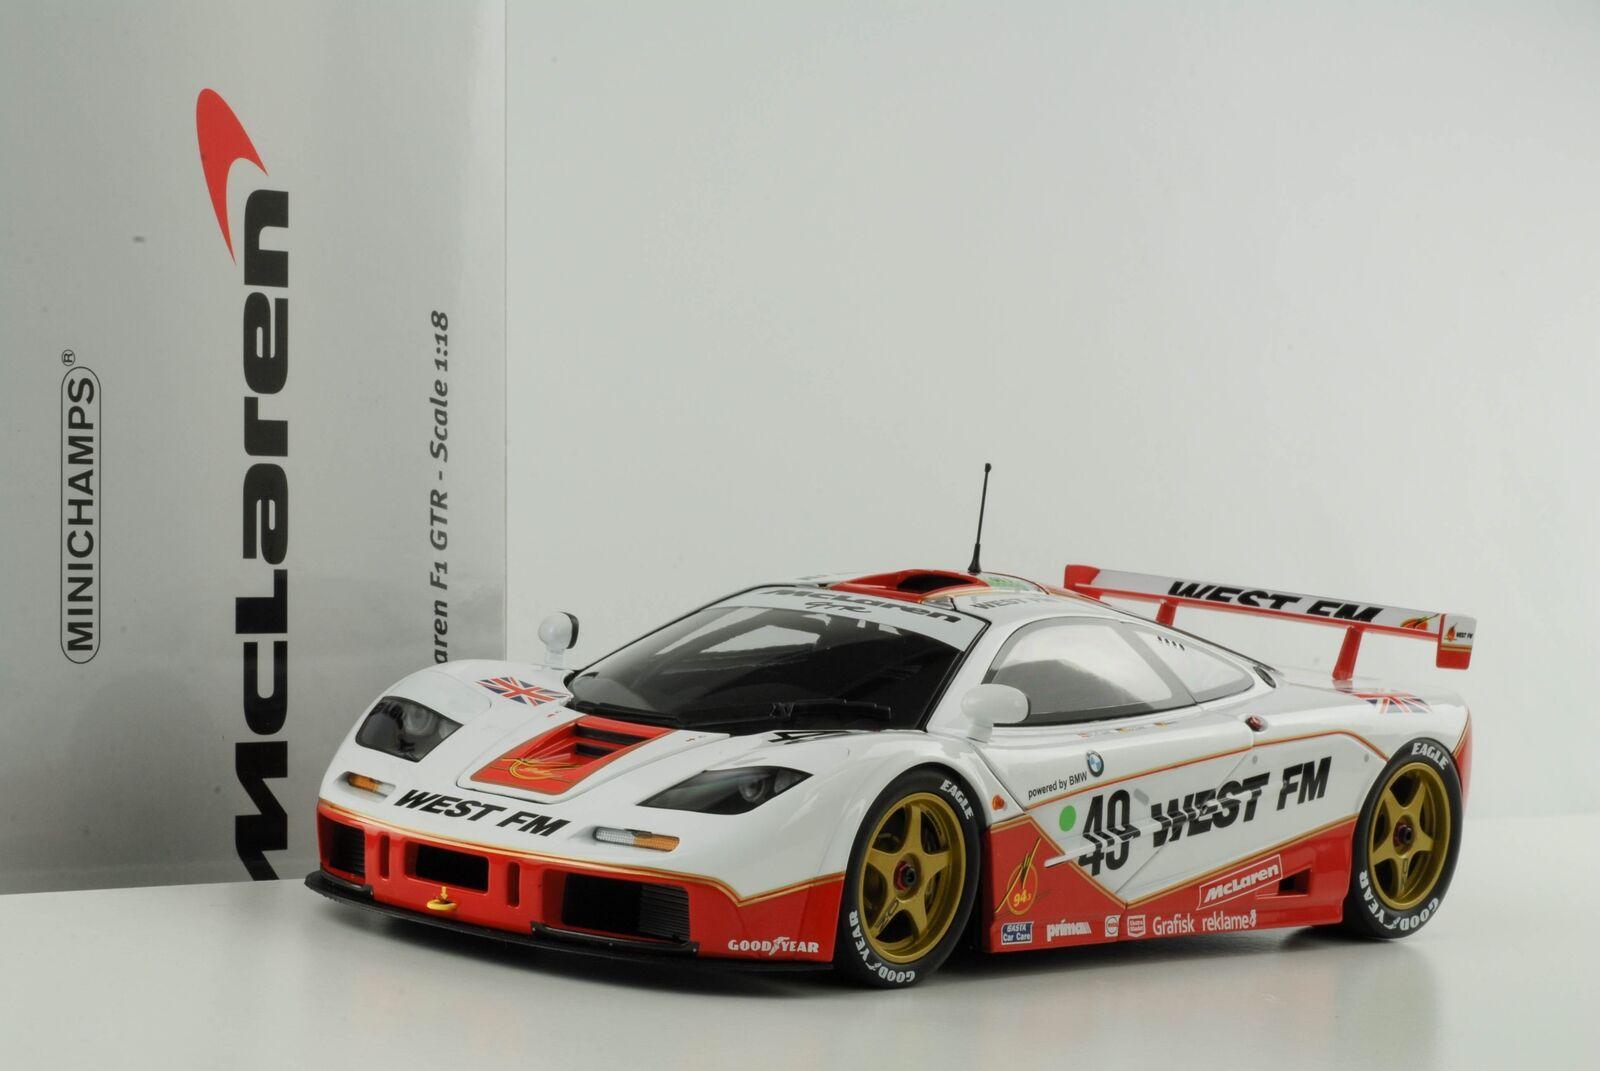 Mclaren Mclaren Mclaren F1 GTR short Tail 24 H le Mans 1995 West Fm 1 18 Minichamps 1f3d93